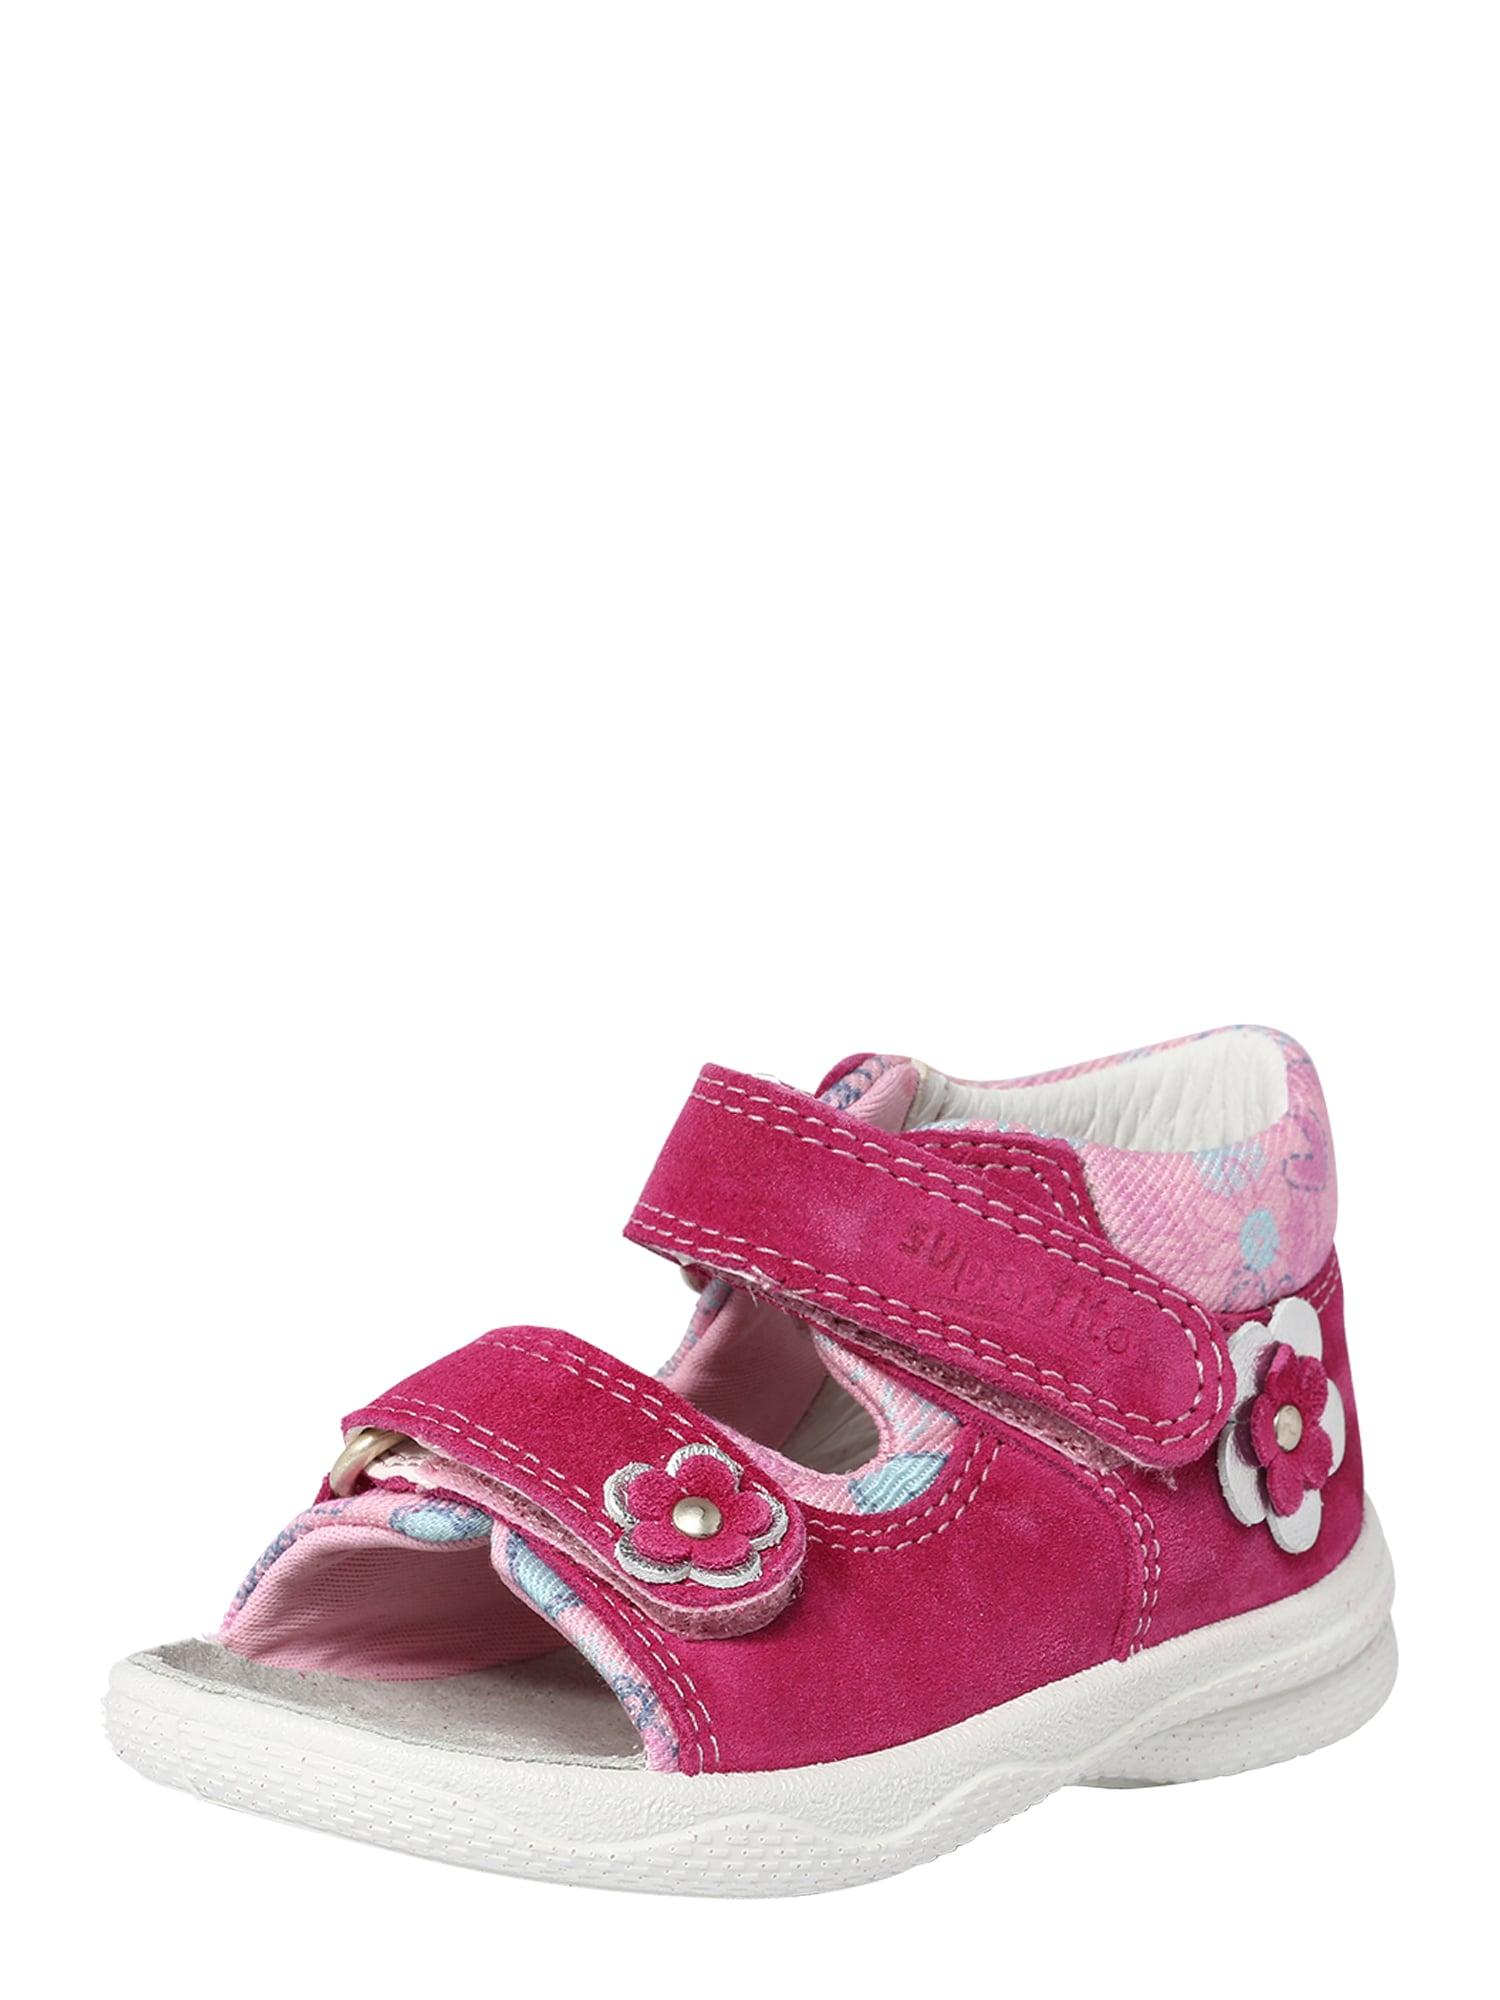 Sandály Polly pink růžová SUPERFIT